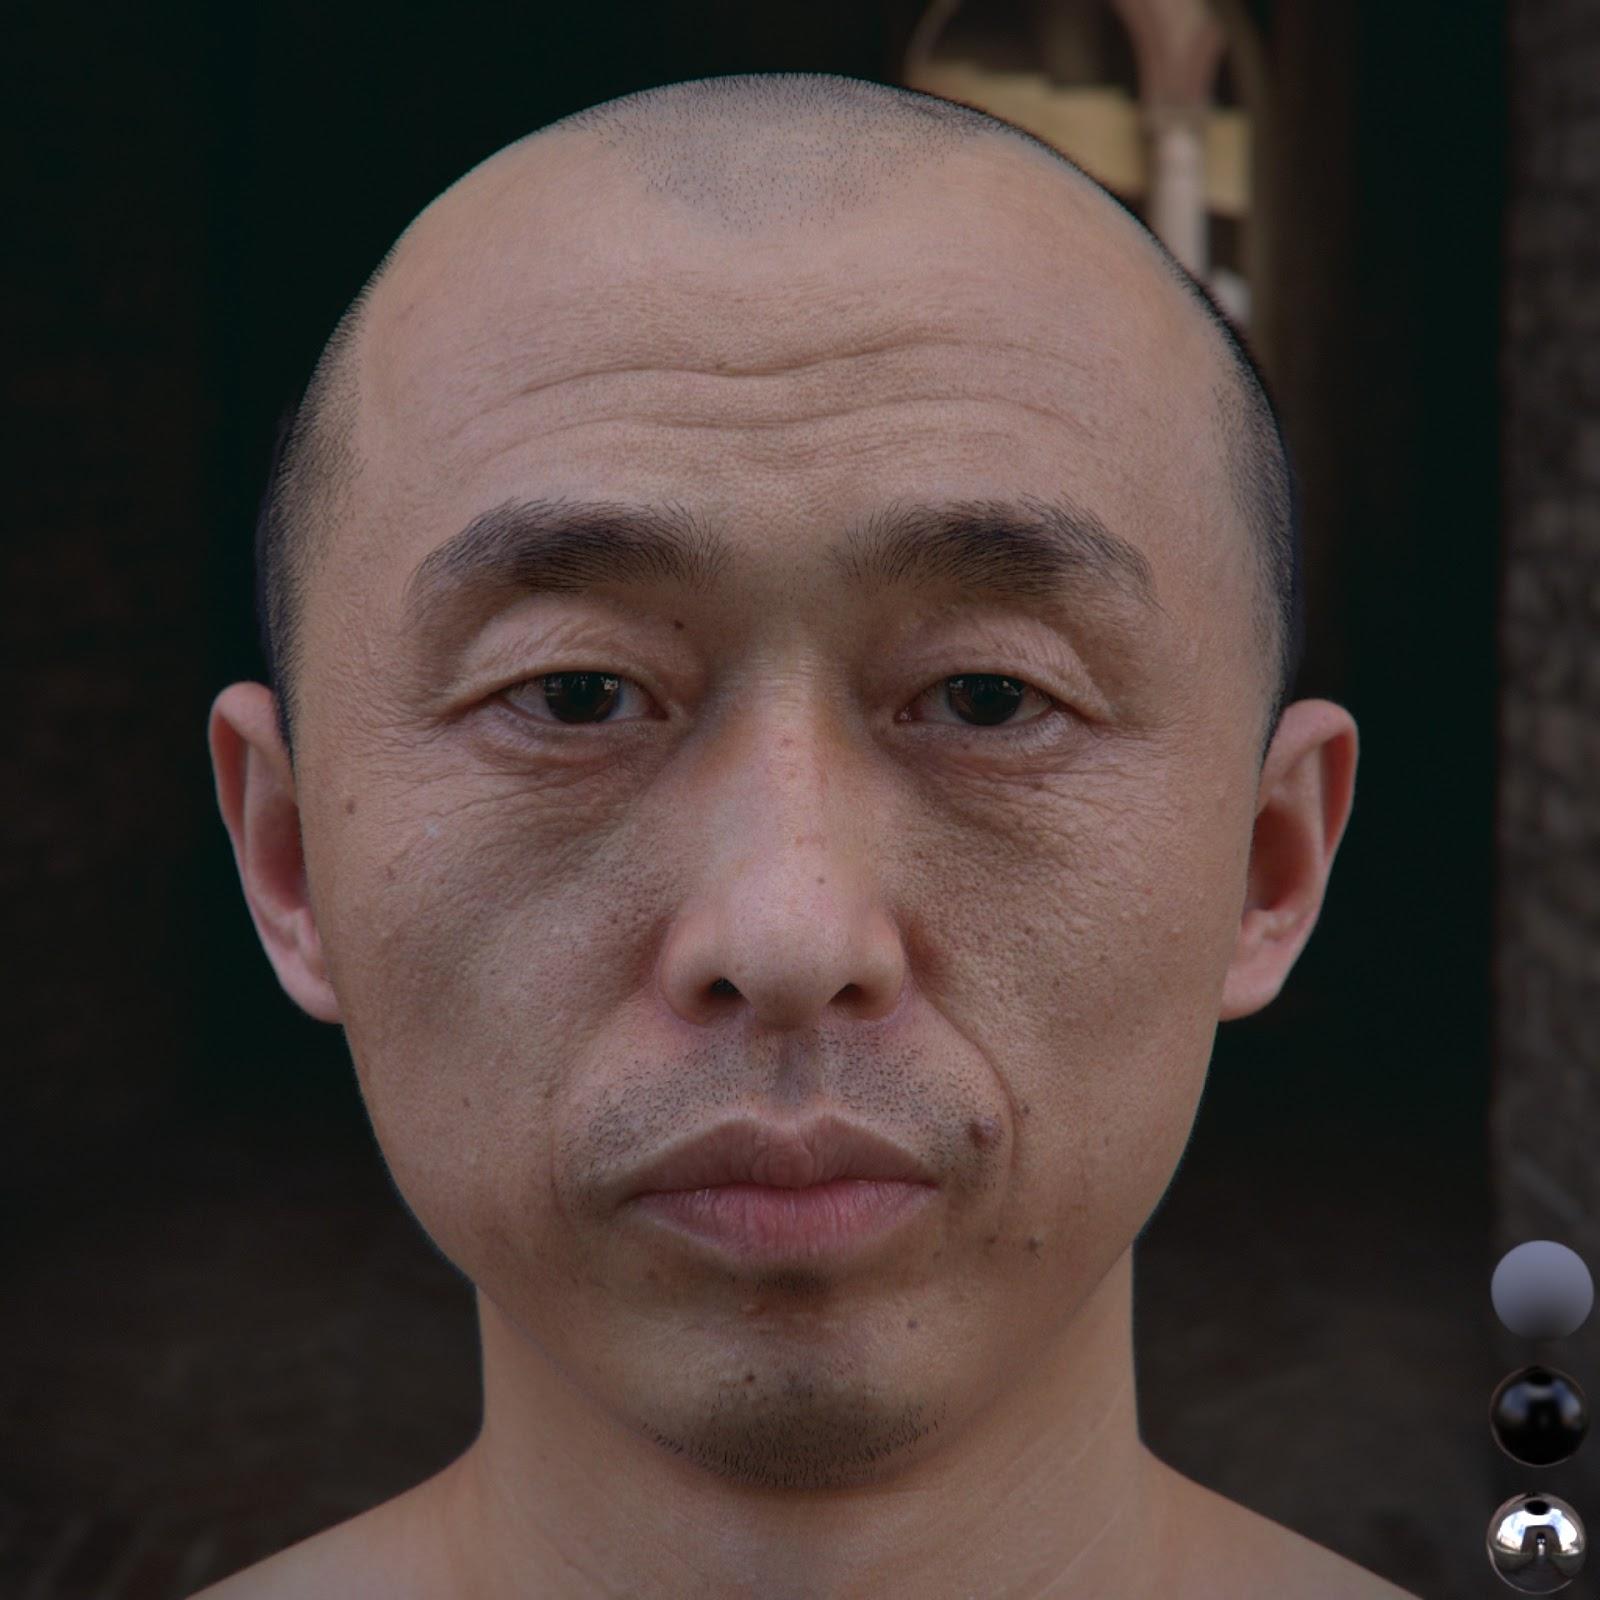 Head hentai photos 23